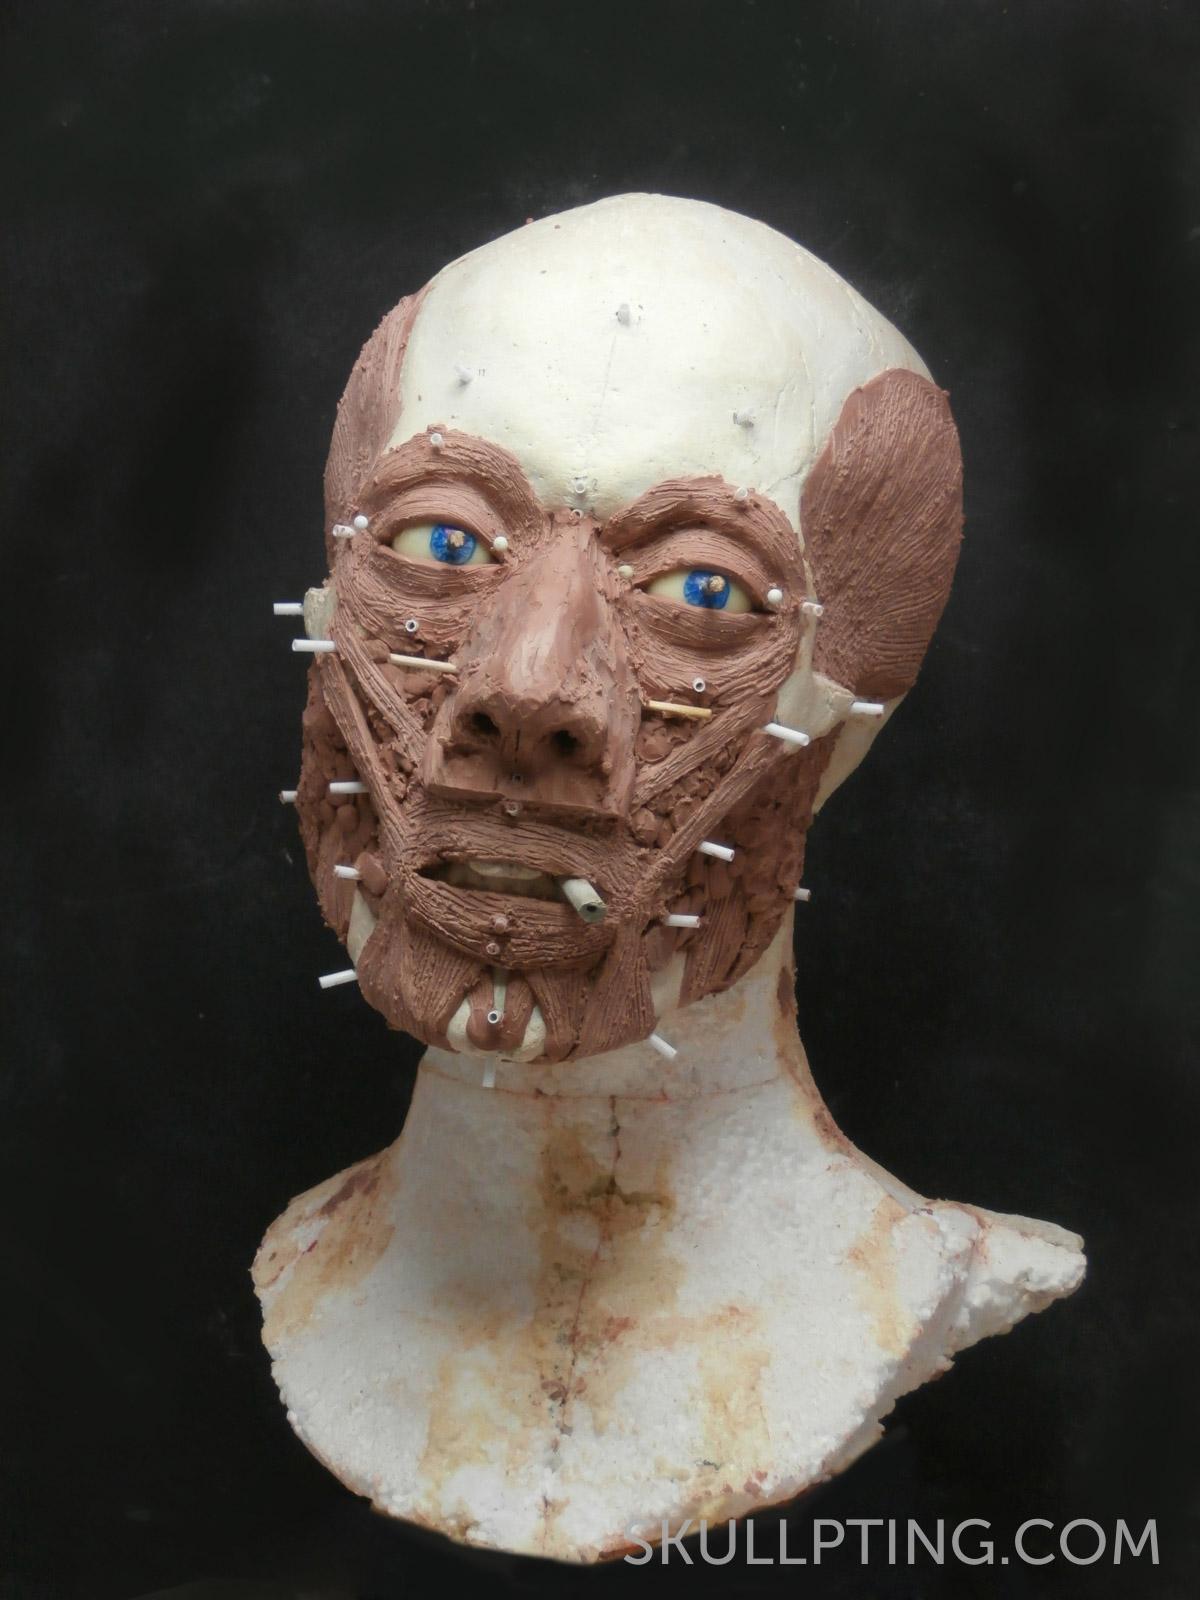 Kopie van de schedel met gezichtsspieren.